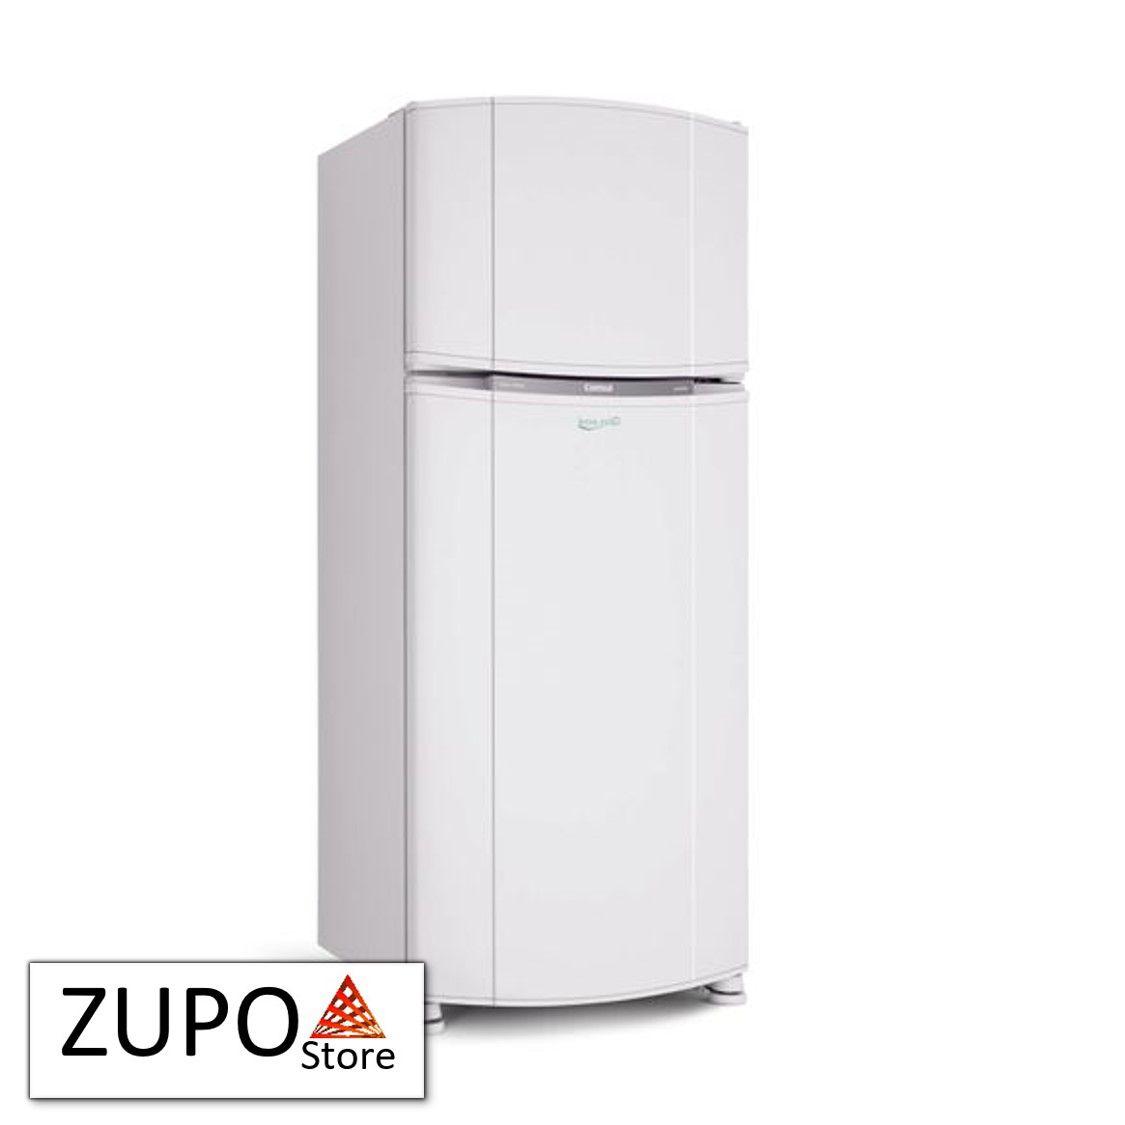 Refrigerador Consul 407 Litros Branco - CRM45BB - 127V